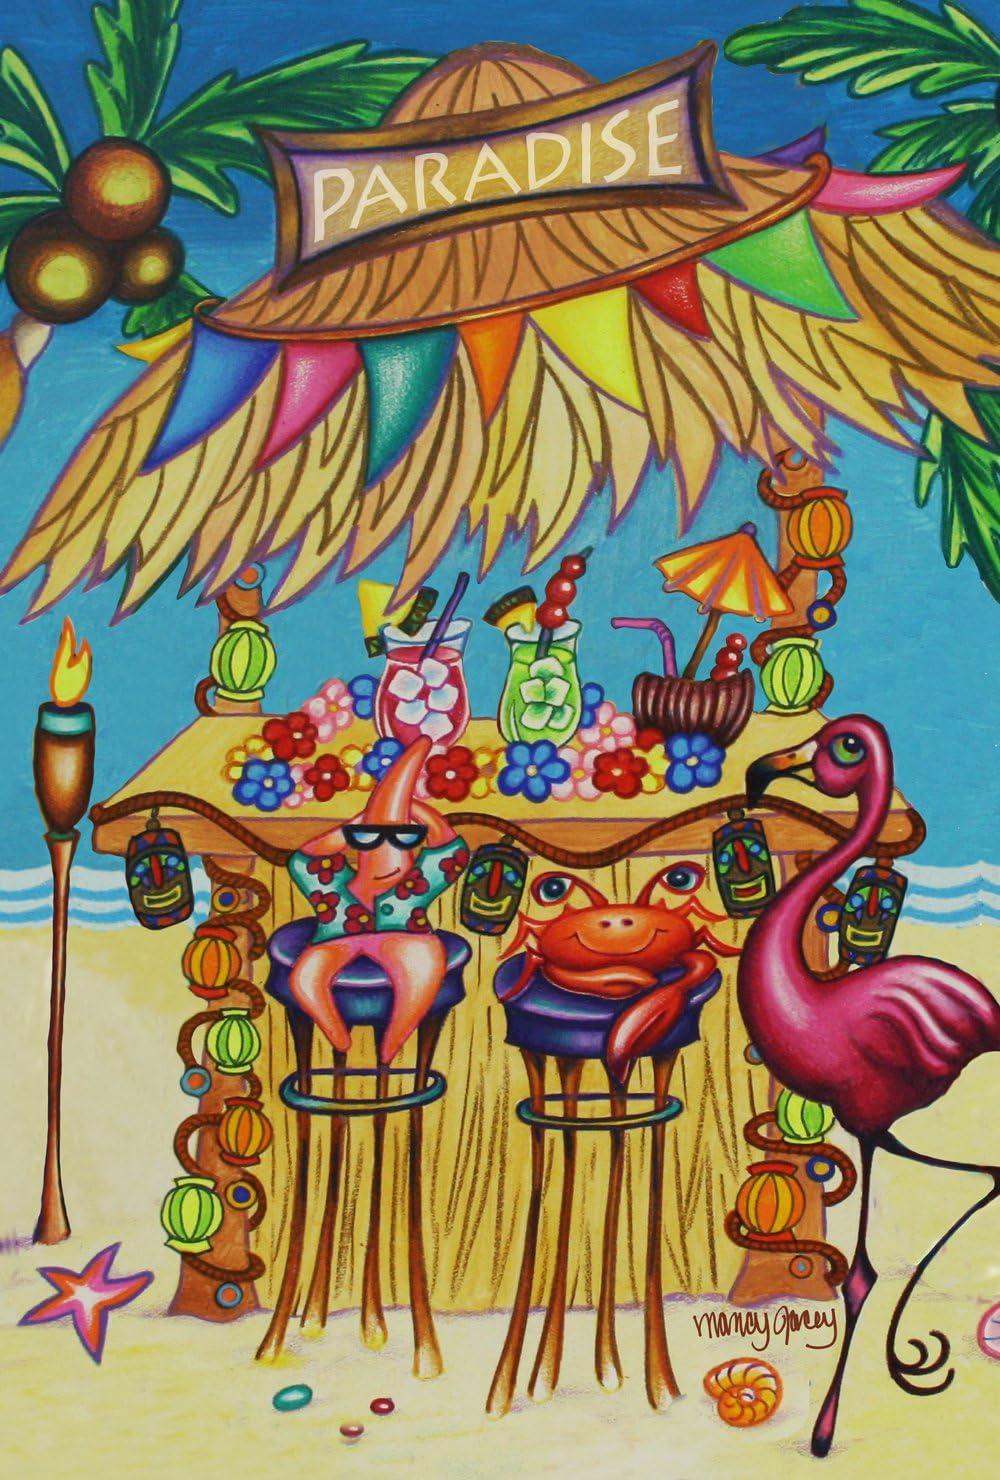 Toland Home Garden Tiki Beach Bar 28 x 40 Inch Decorative Tropical Summer Flamingo Crab Party House Flag